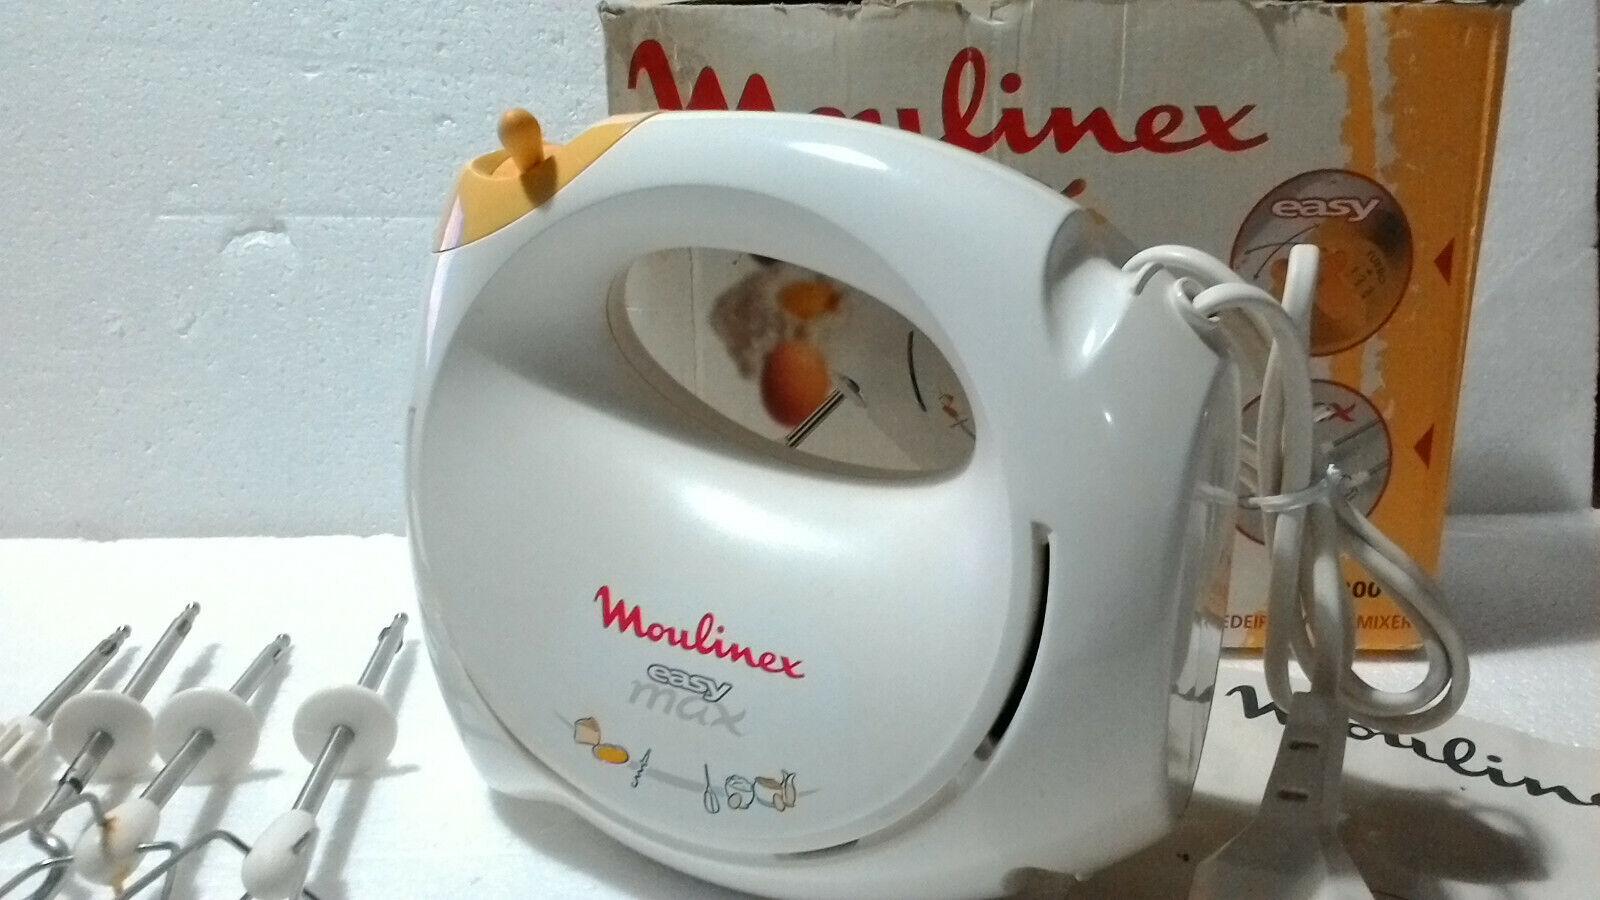 Sbattitore Moulinex BM5 Easy Max 200W